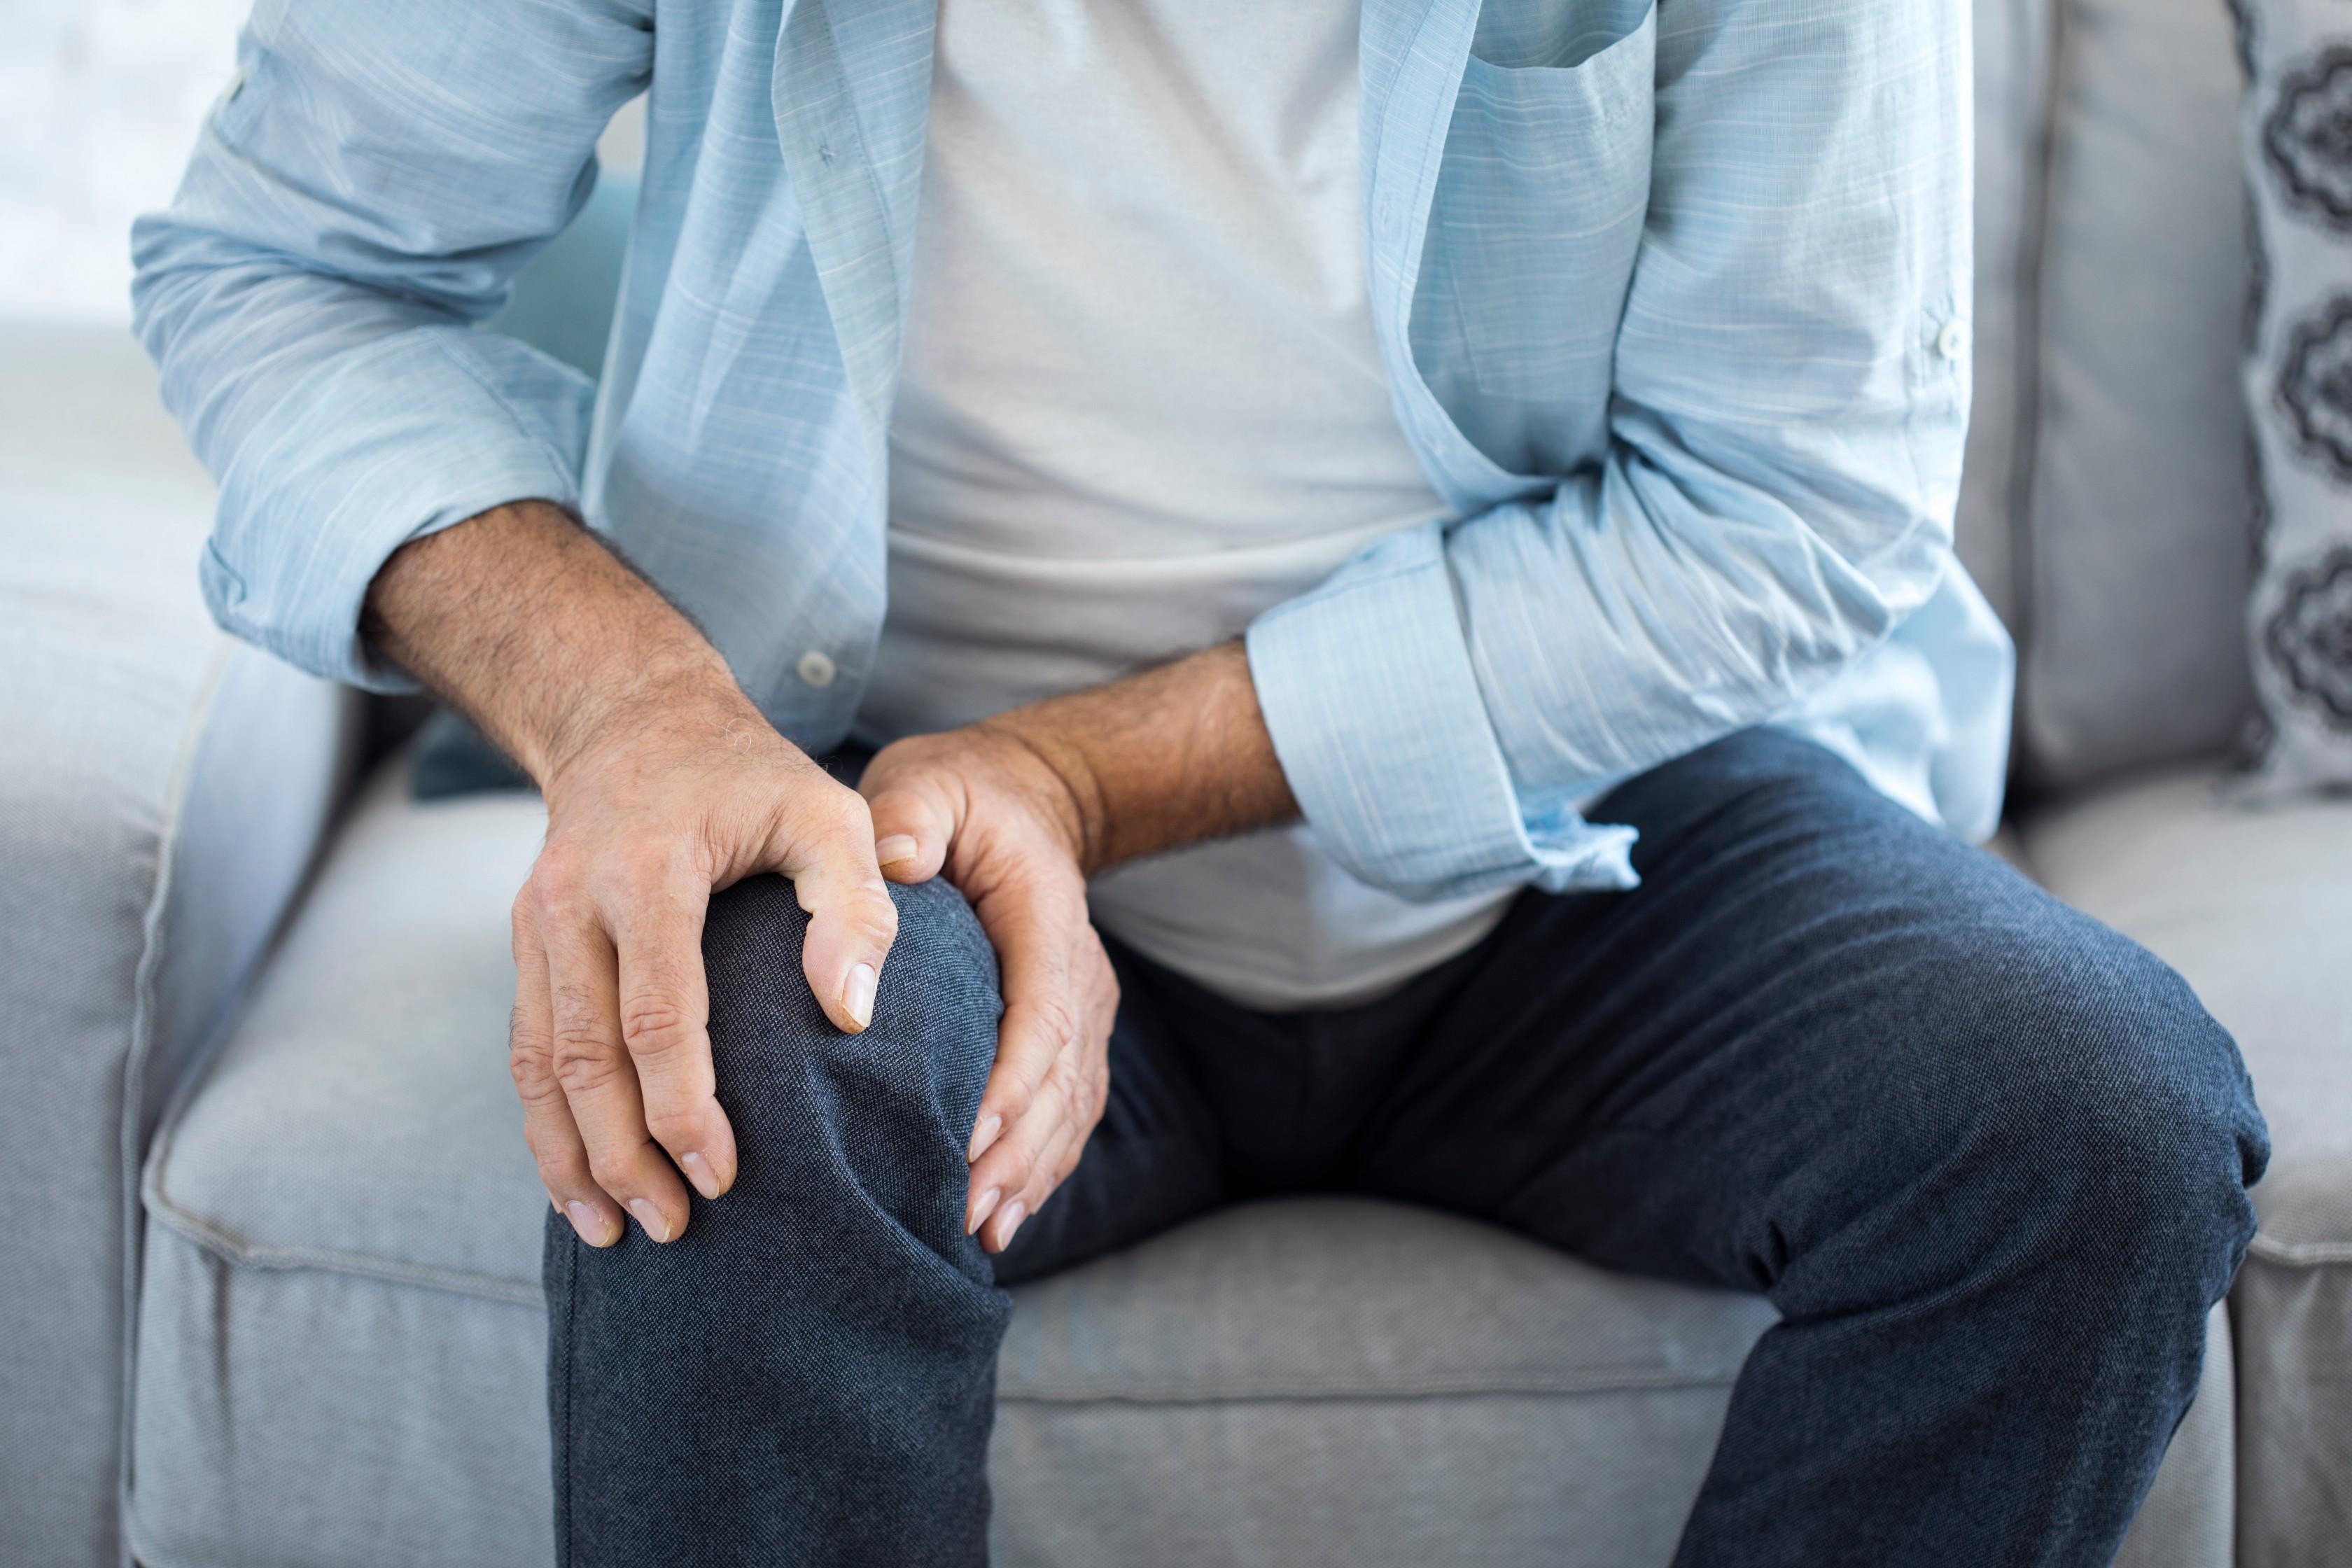 cápazsír ízületi fájdalmak kezelésére hogyan kell kezelni a boka ízületek véleménye